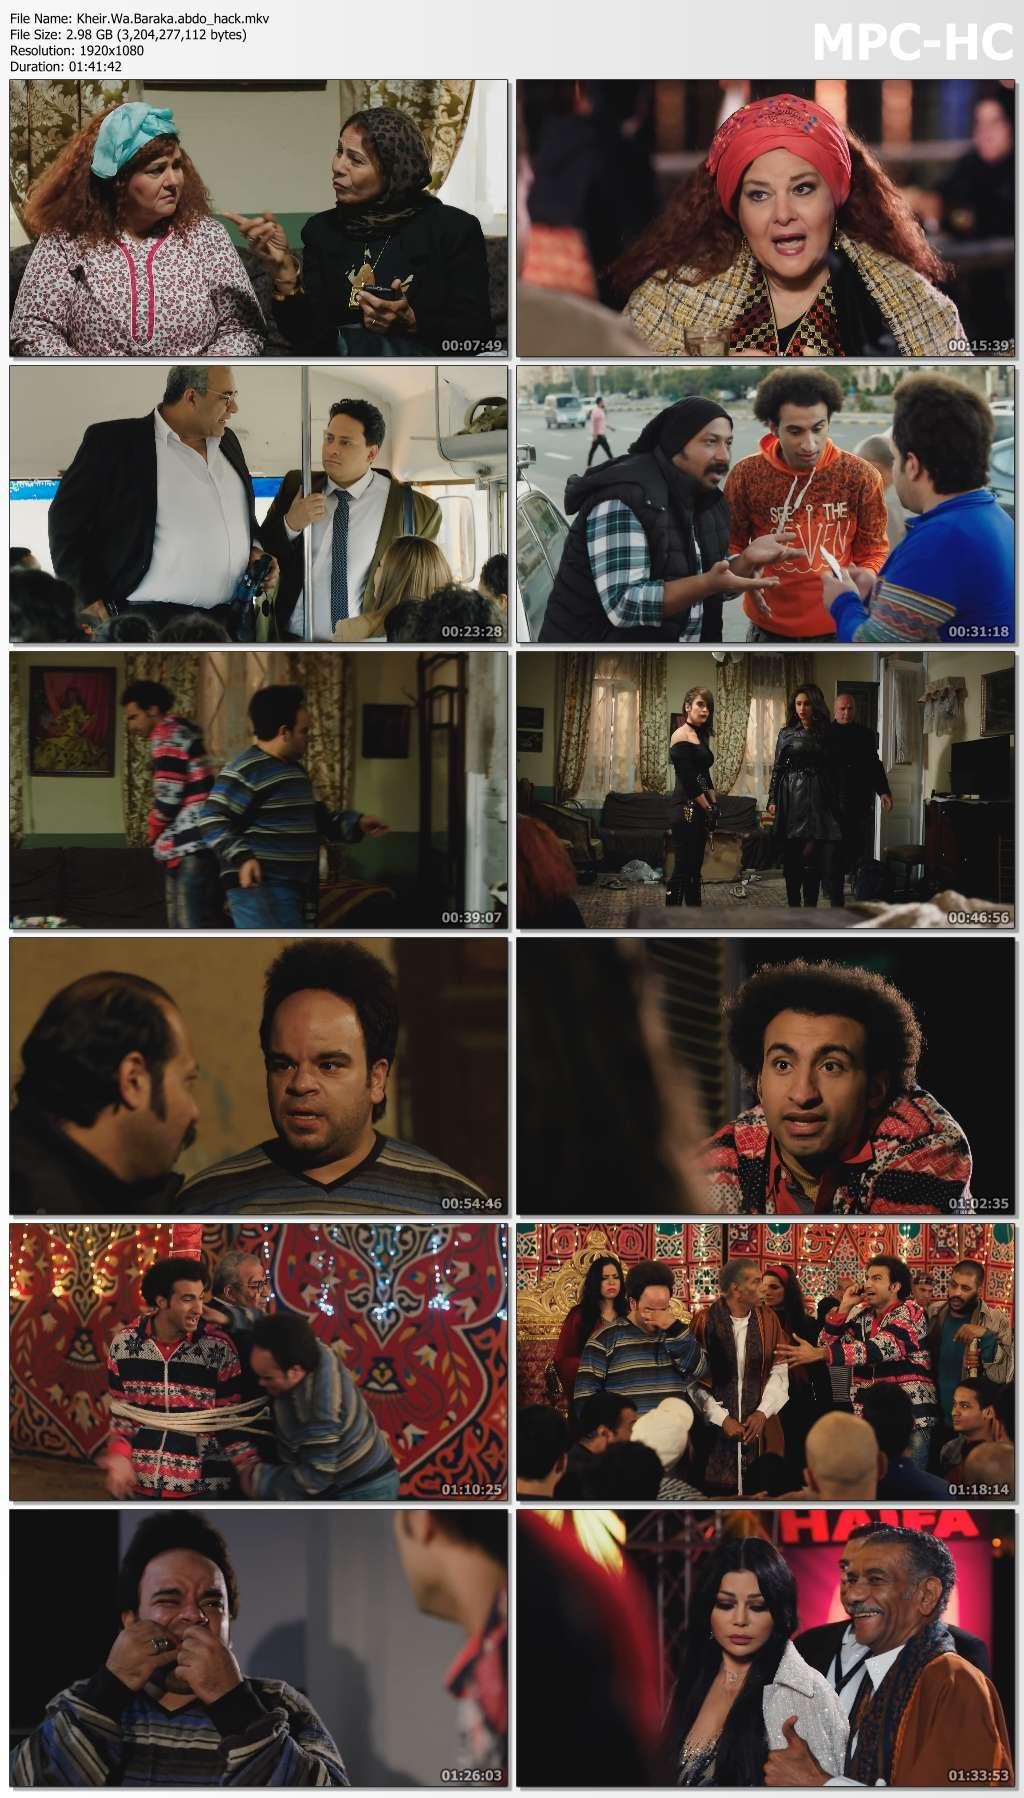 [فيلم][تورنت][تحميل][خير وبركة][2017][1080p][HDTV] 8 arabp2p.com